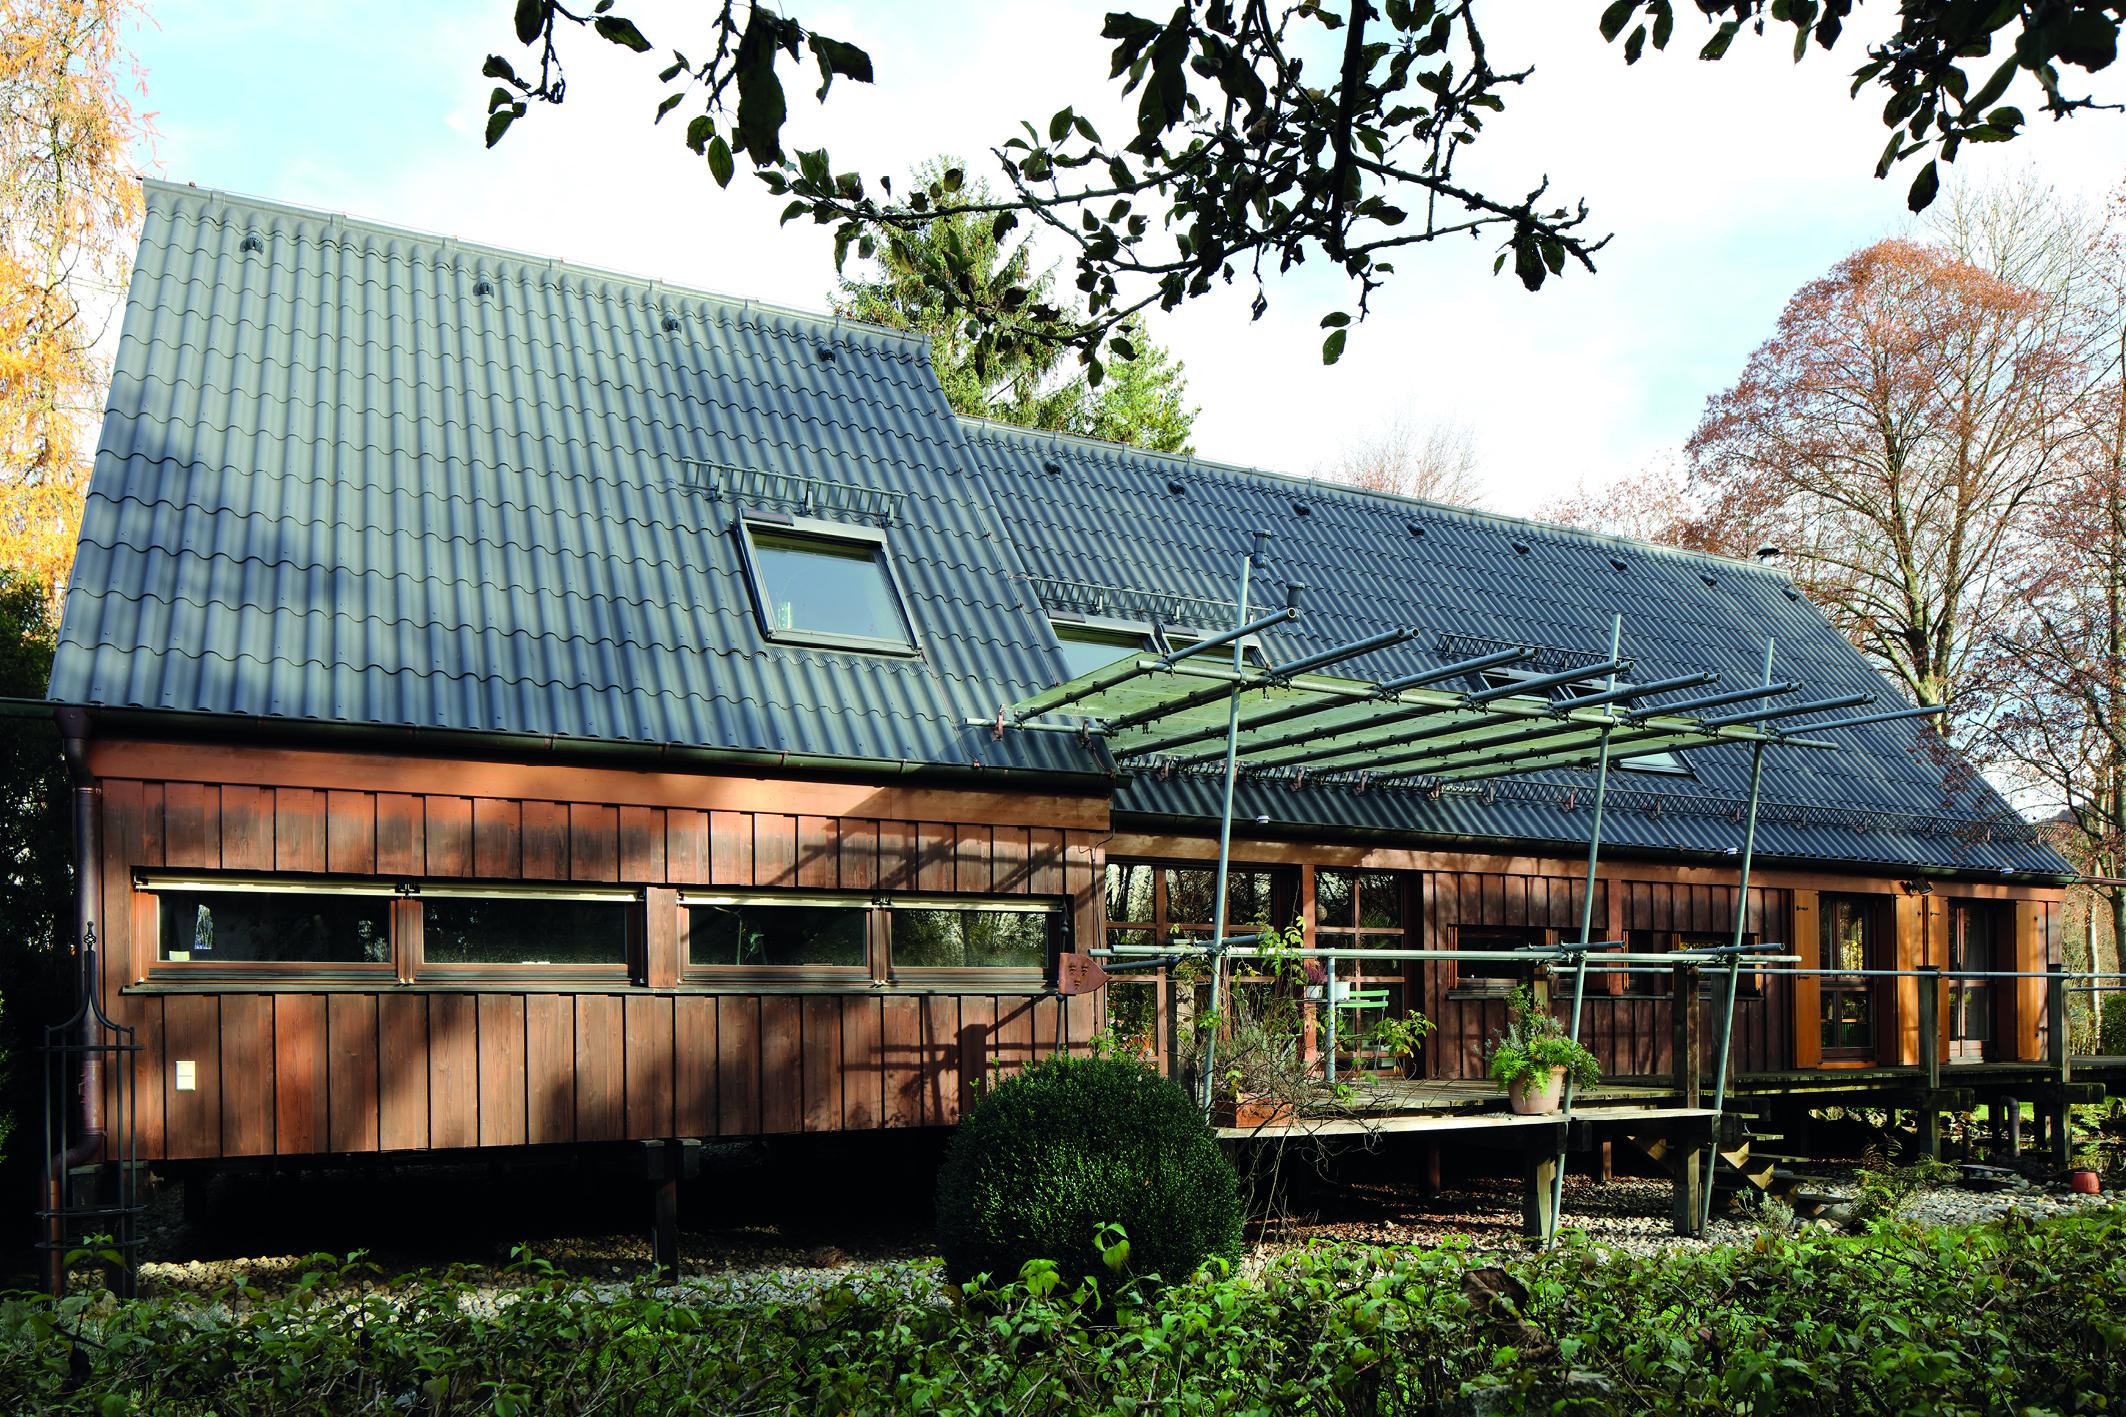 Ein Eigenheim wird einer Dachsanierung unterzogen